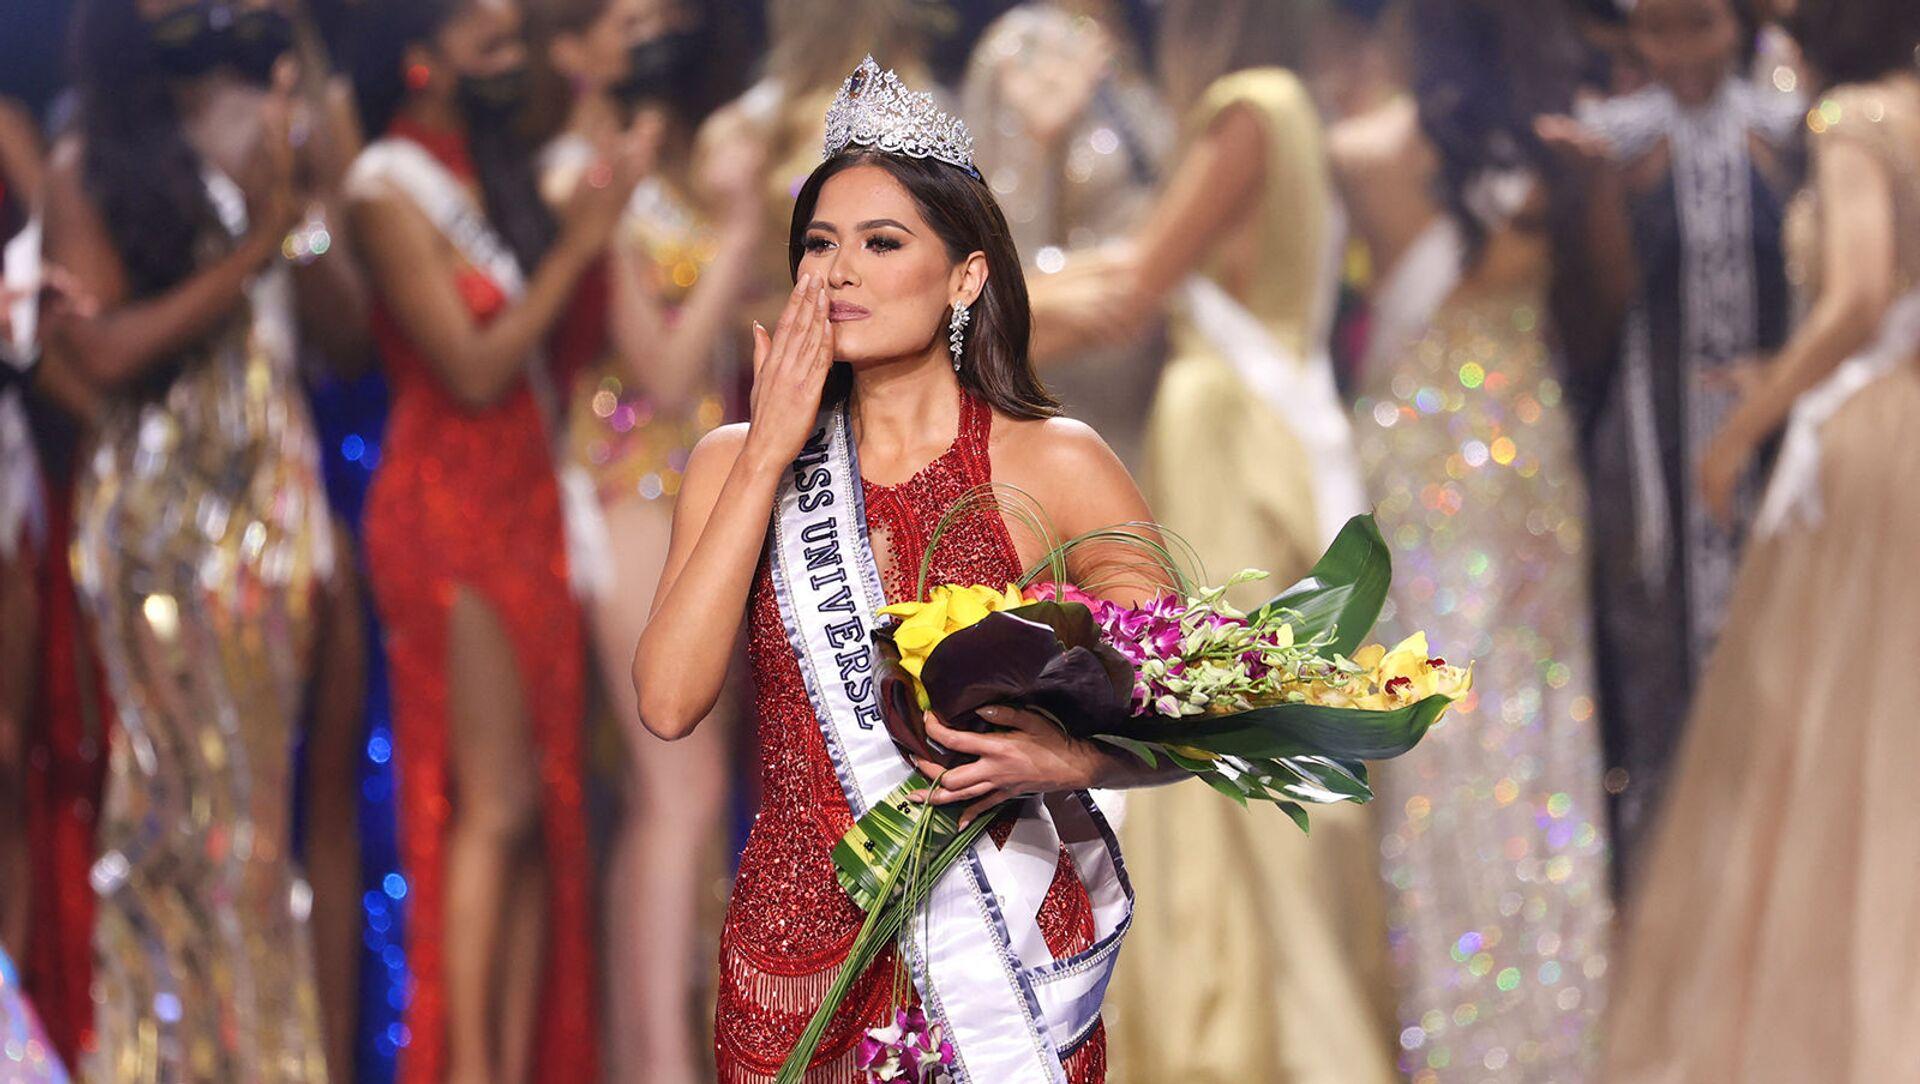 Мисс Мексики Андреа Меза победила в конкурсе Мисс Вселенная 2021 (16 мая 2021). Флорида - Sputnik Արմենիա, 1920, 17.05.2021